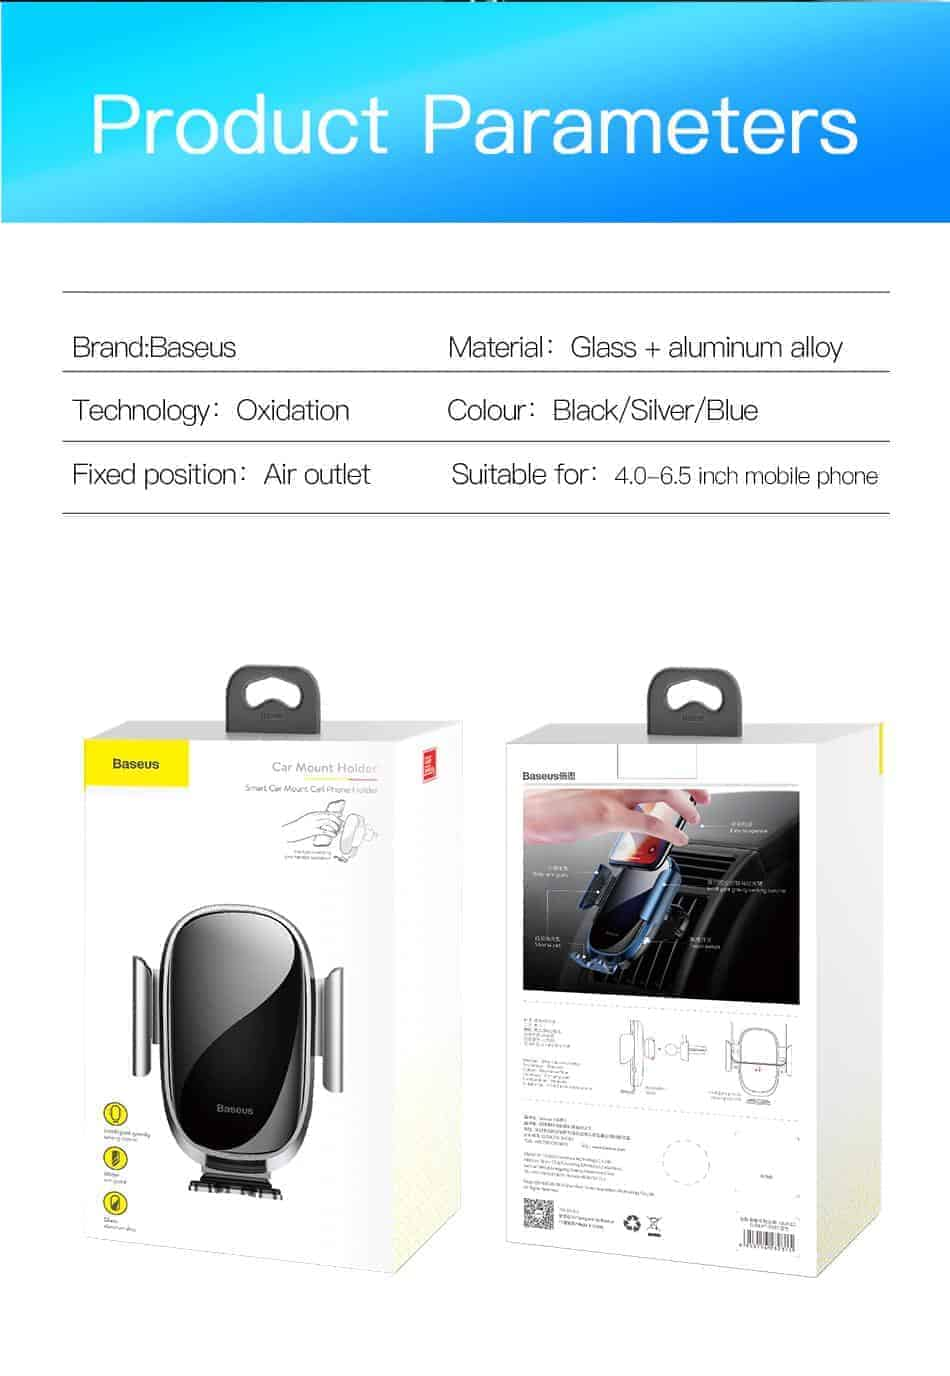 Giá đỡ điện thoại Baseus Smart Car tích hợp cảm biến tự động khóa giữ thiết kế kim loại và kinh sang trọng cho điện thoại từ 4.7 đến 6.5 inch